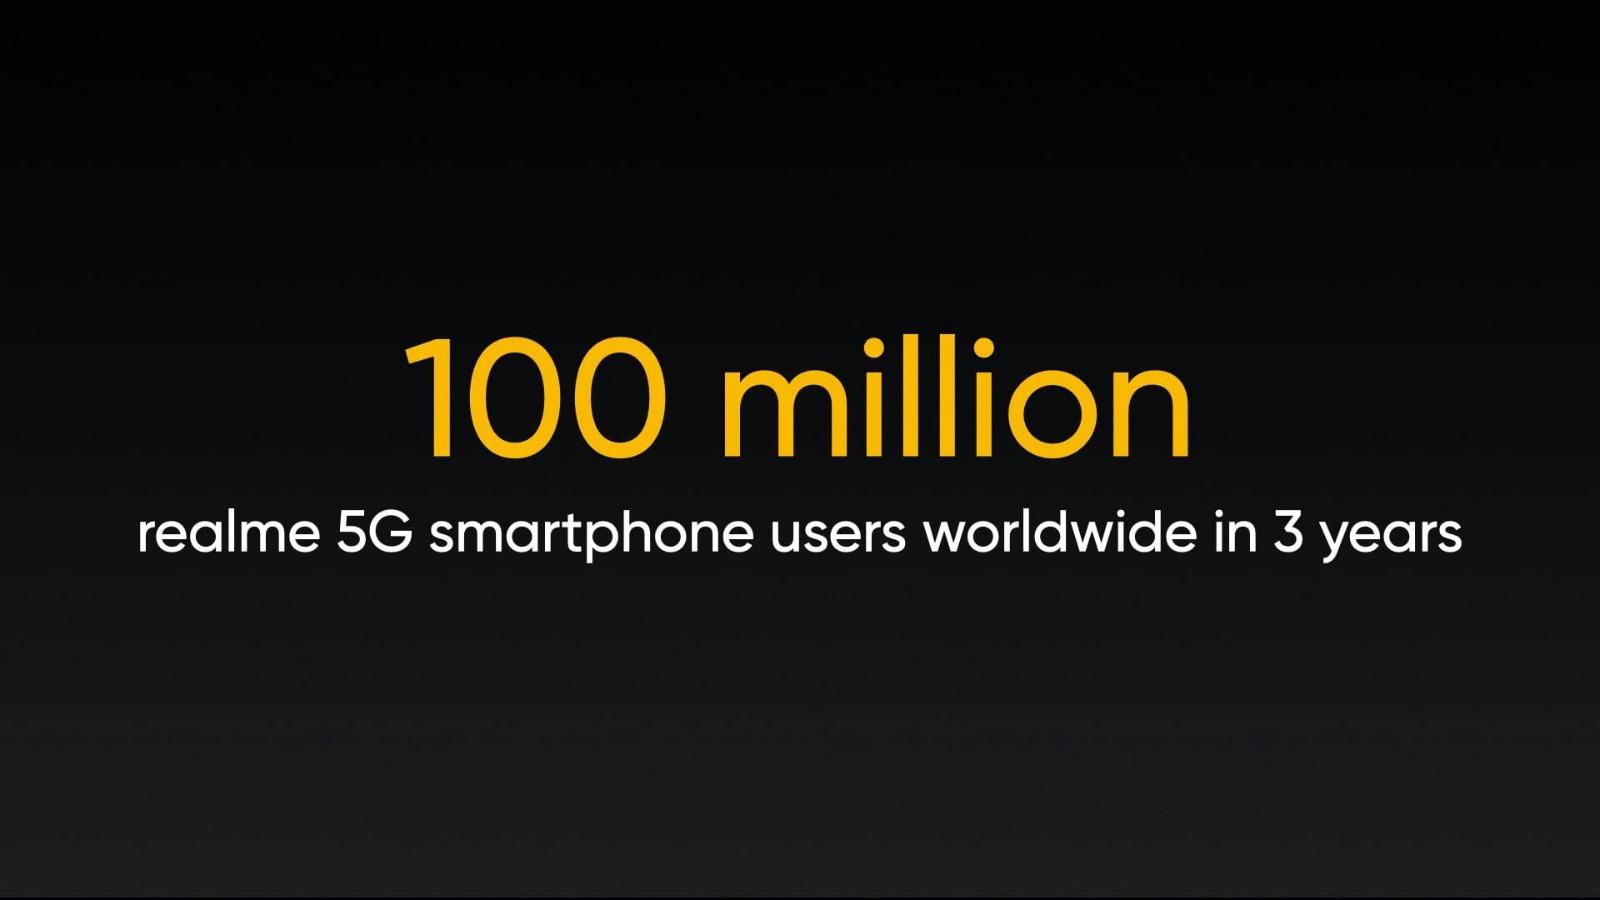 (P) realme încheie Summitul inaugural 5G cu promisiunea de a aduce telefoanele cu 5G la peste 100 de milioane de tineri